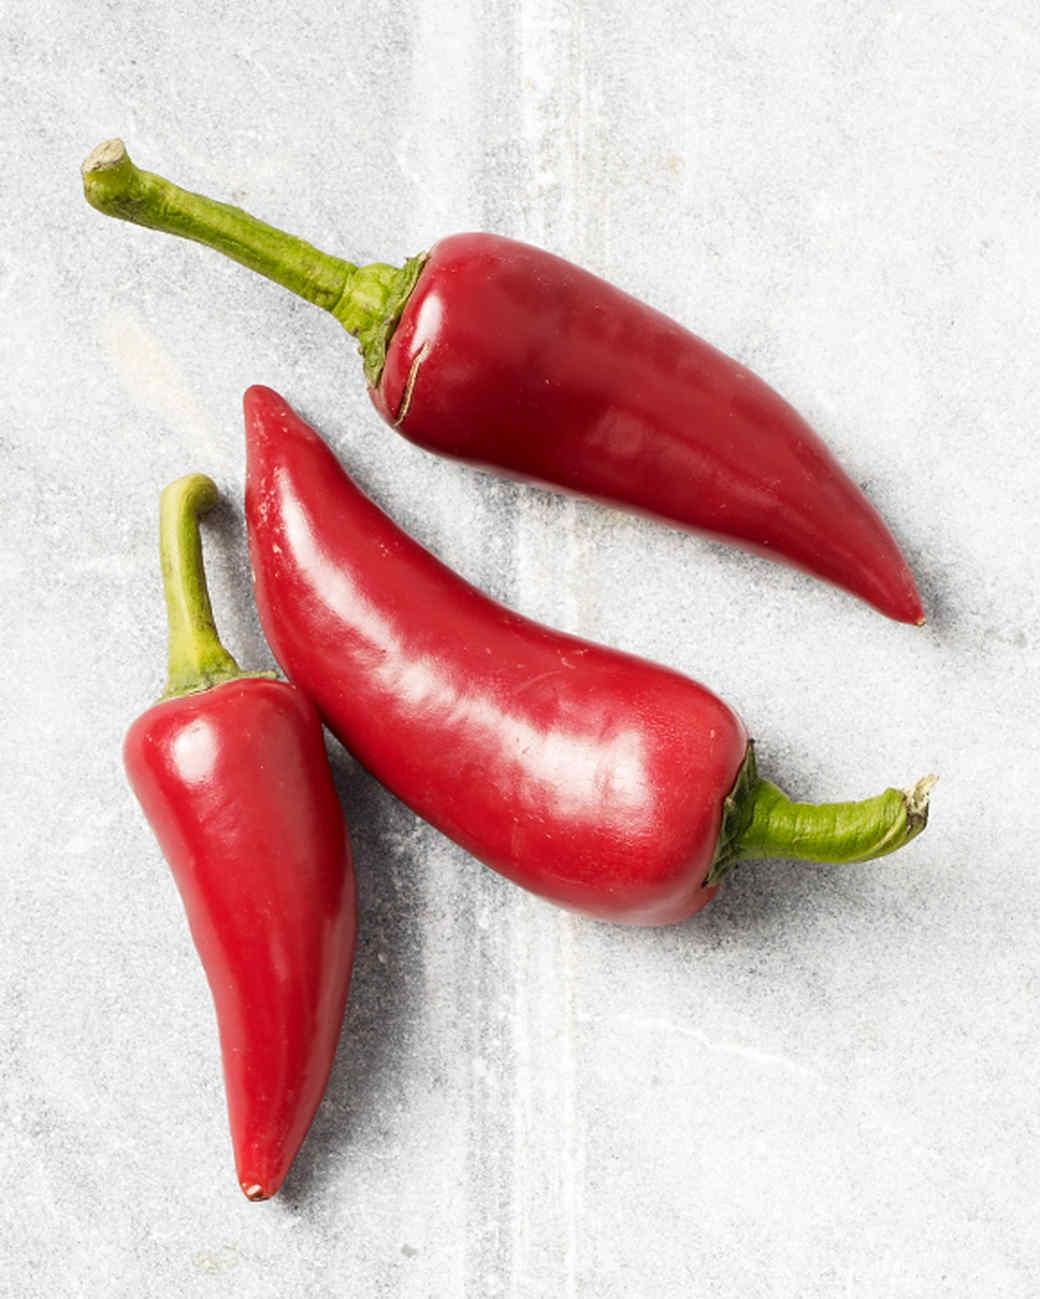 fresno-peppers-158-d110163.jpg